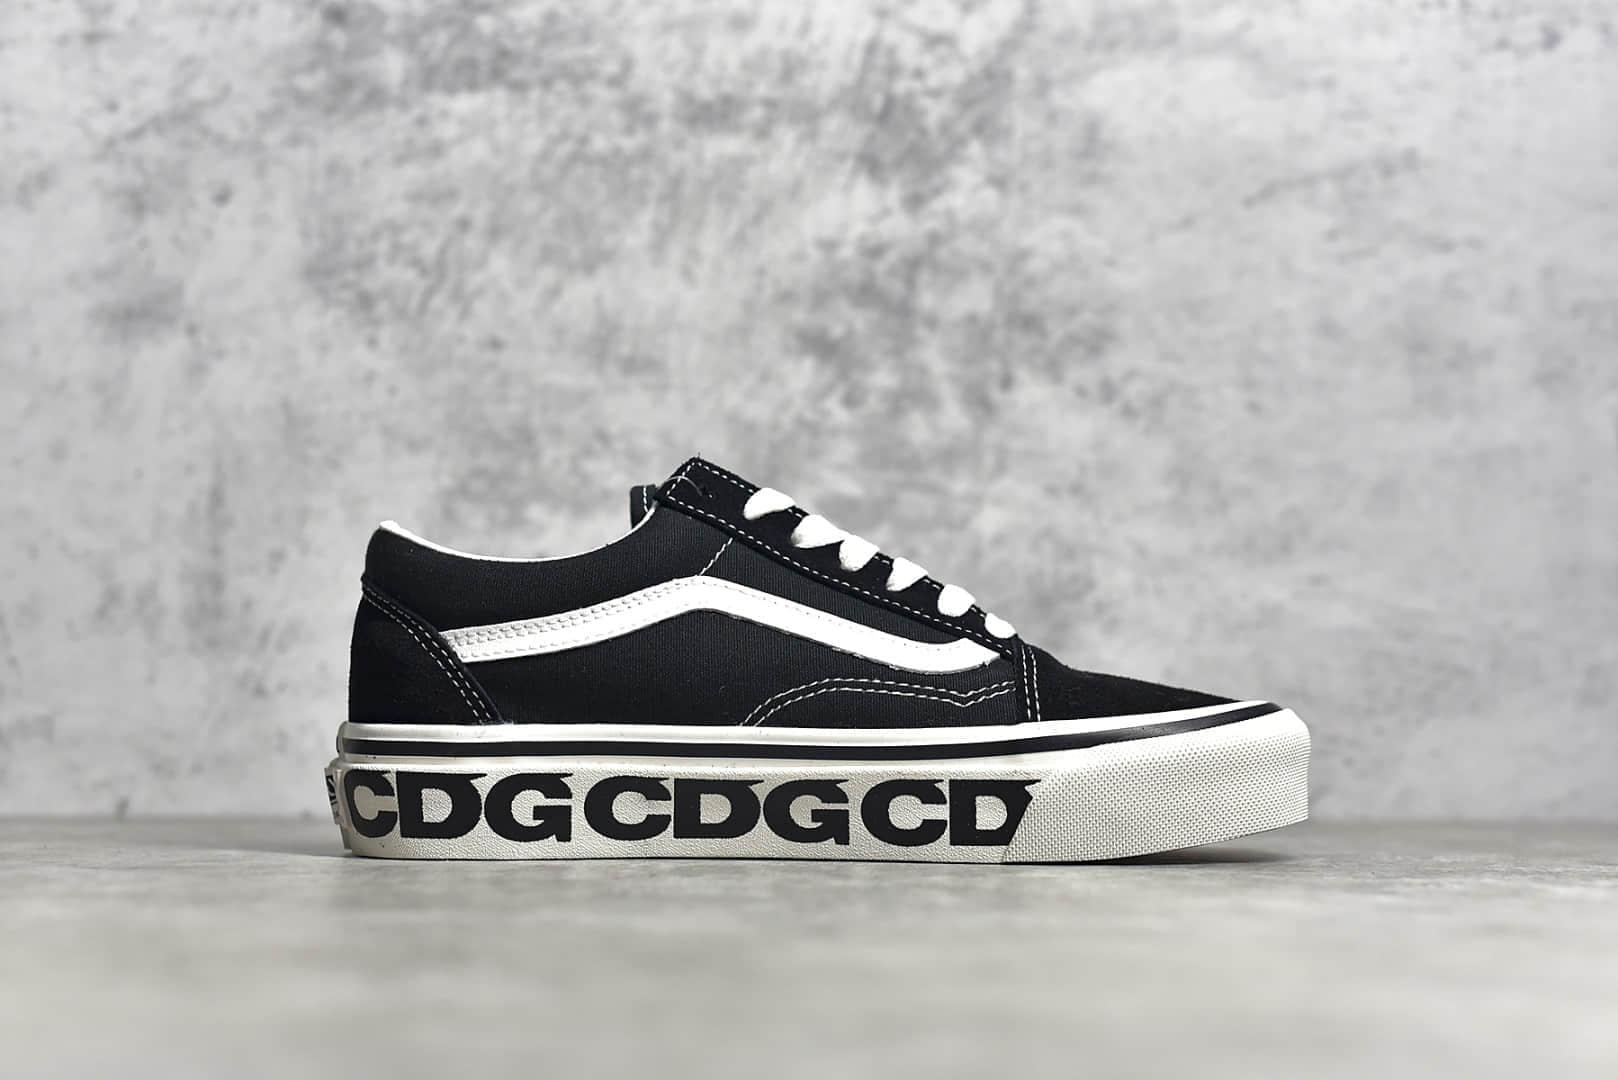 万斯CDG联名黑色低帮 CDG x VANS 新款联名 万斯硫化鞋 万斯帆布鞋-潮流者之家